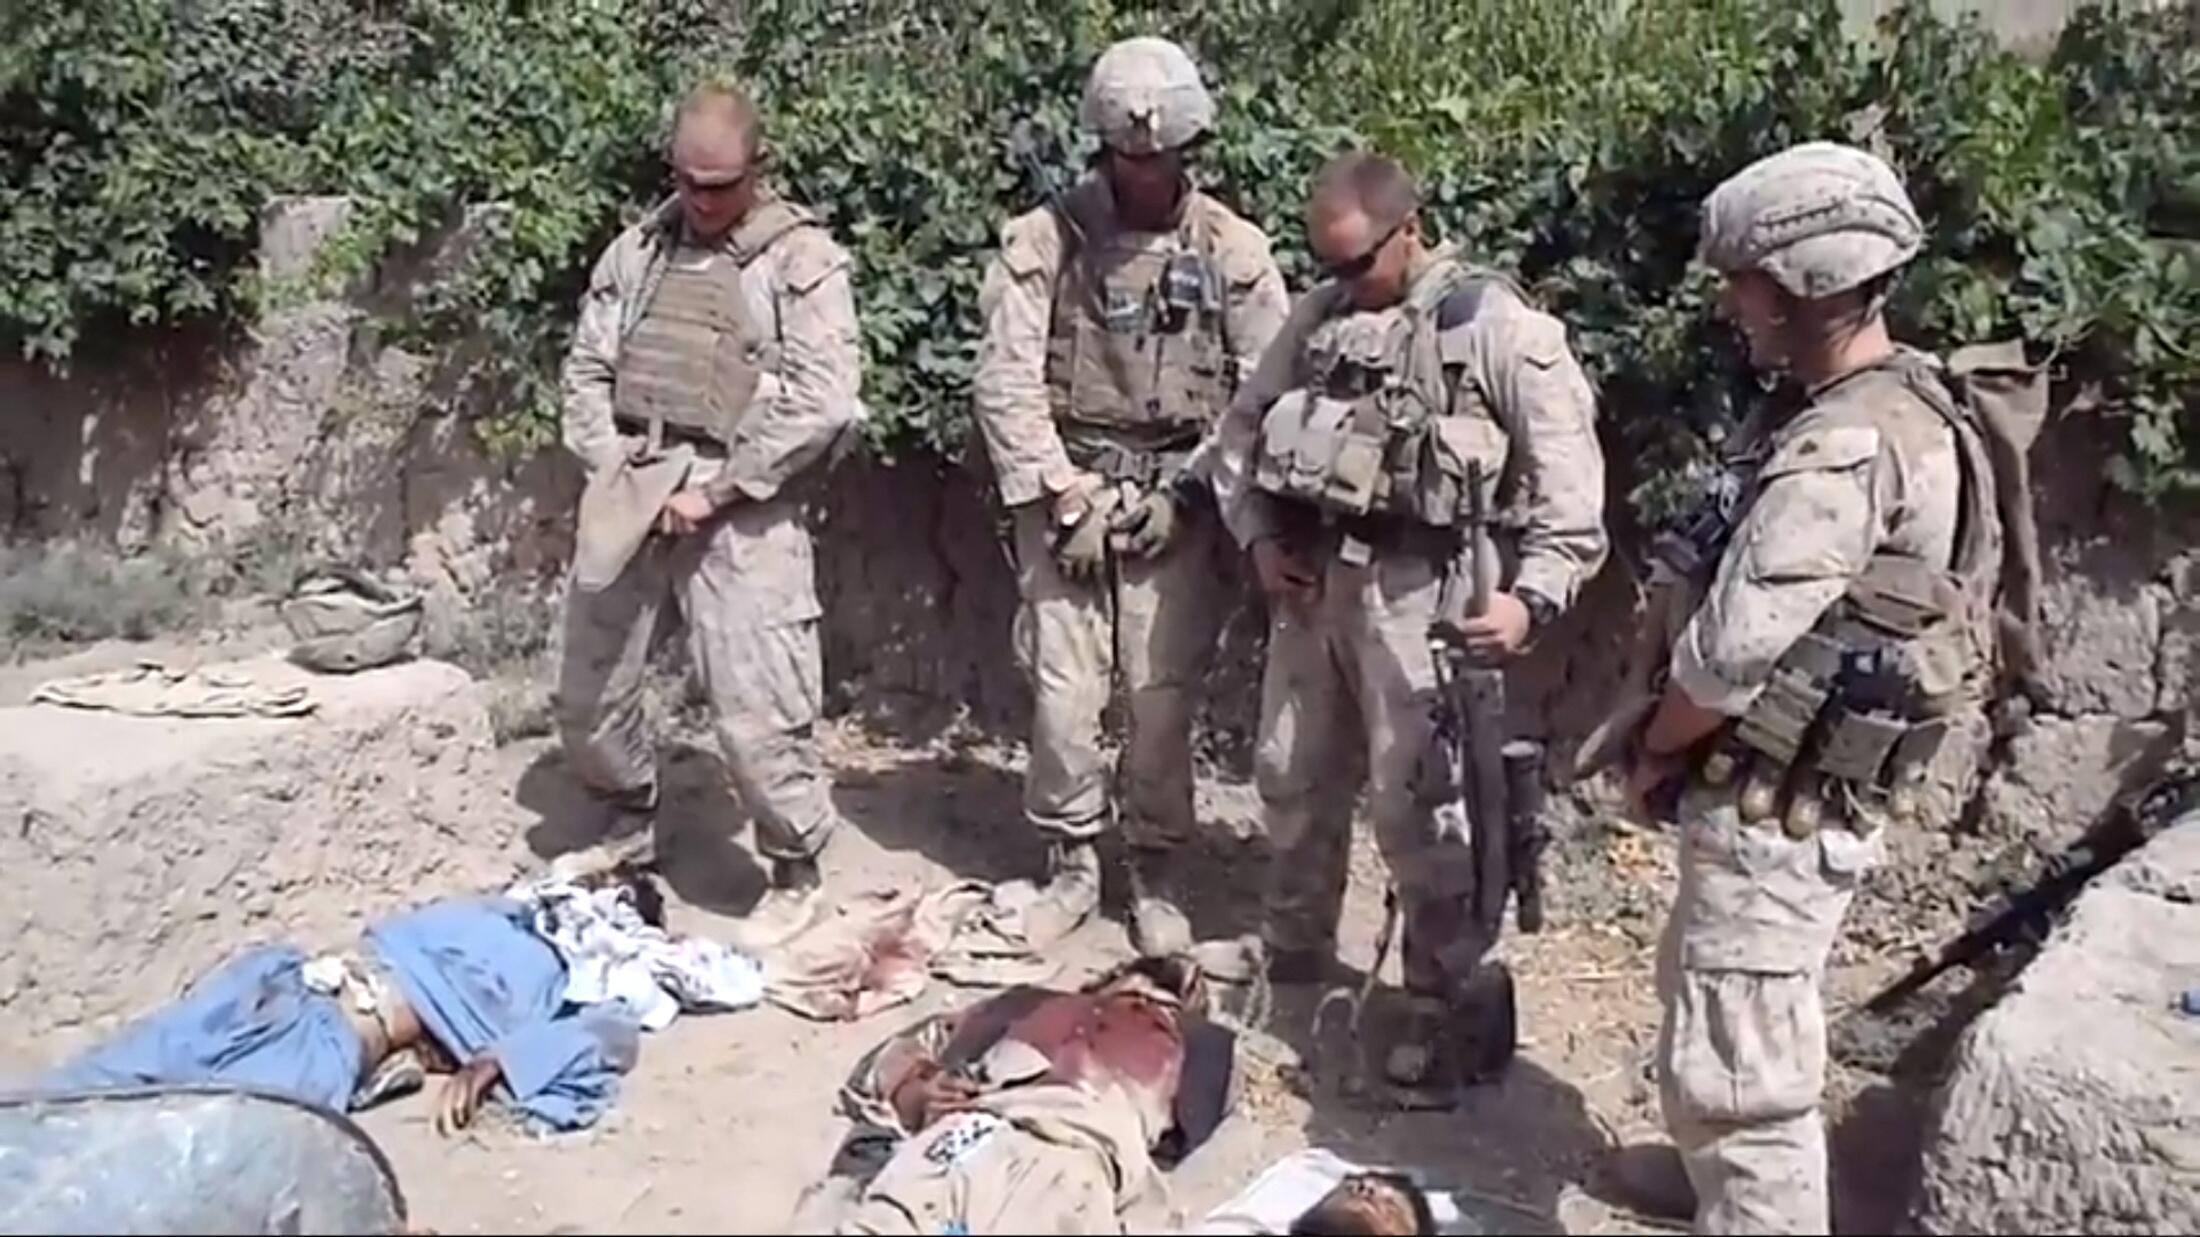 Vídeo exibido pelo Youtube mostra soldados americanos urinando em cadáveres de supostos rebeldes talibãs.